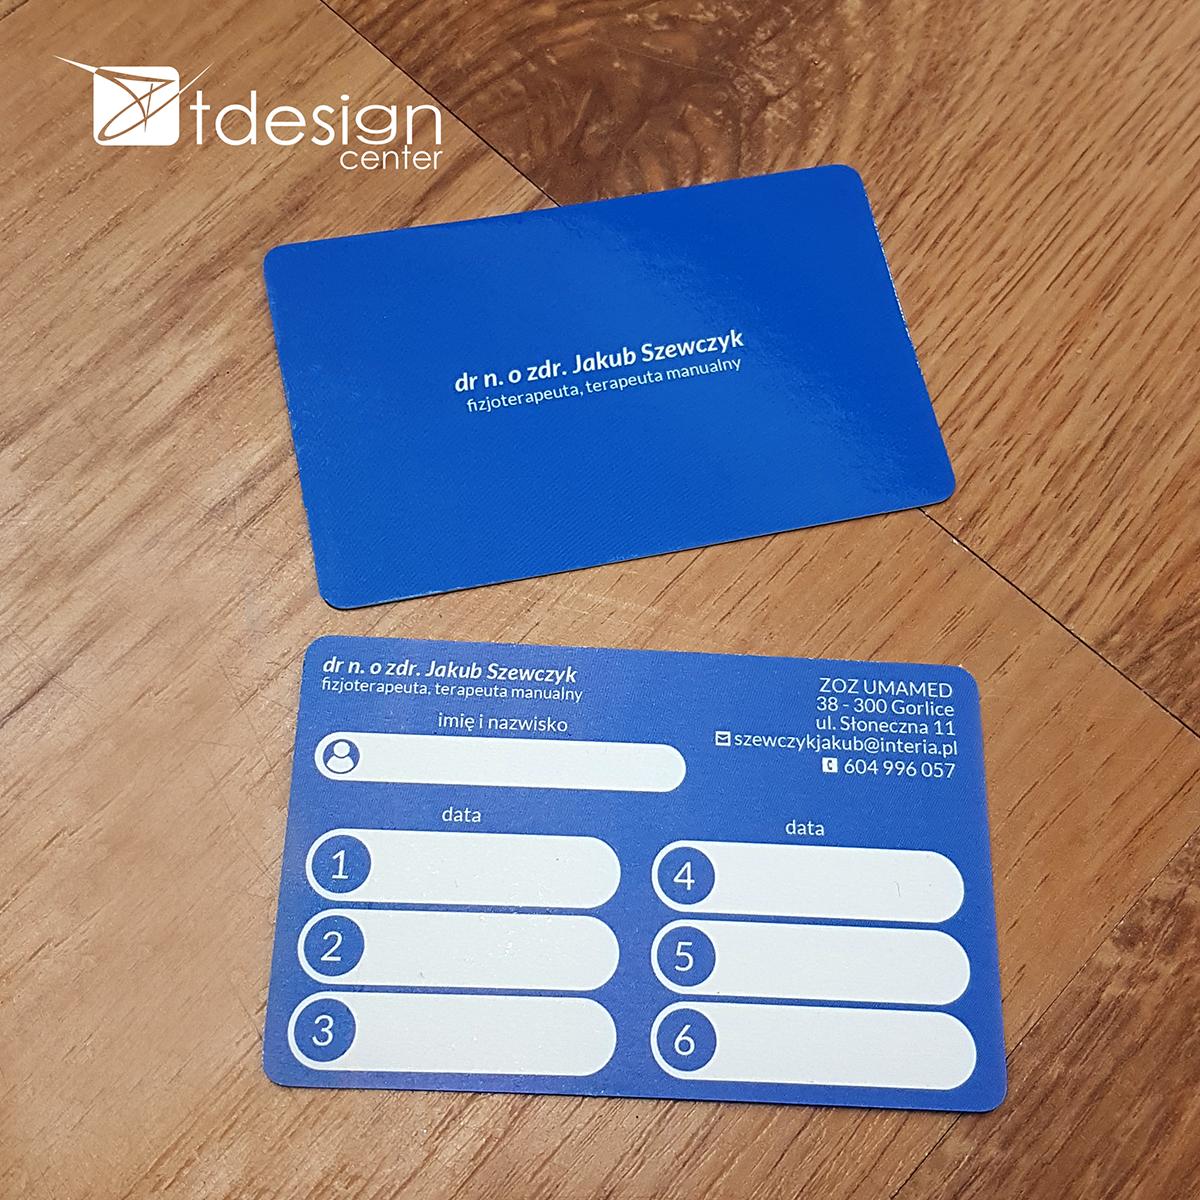 Karta biznesowa 85x54mm - projekt + druk